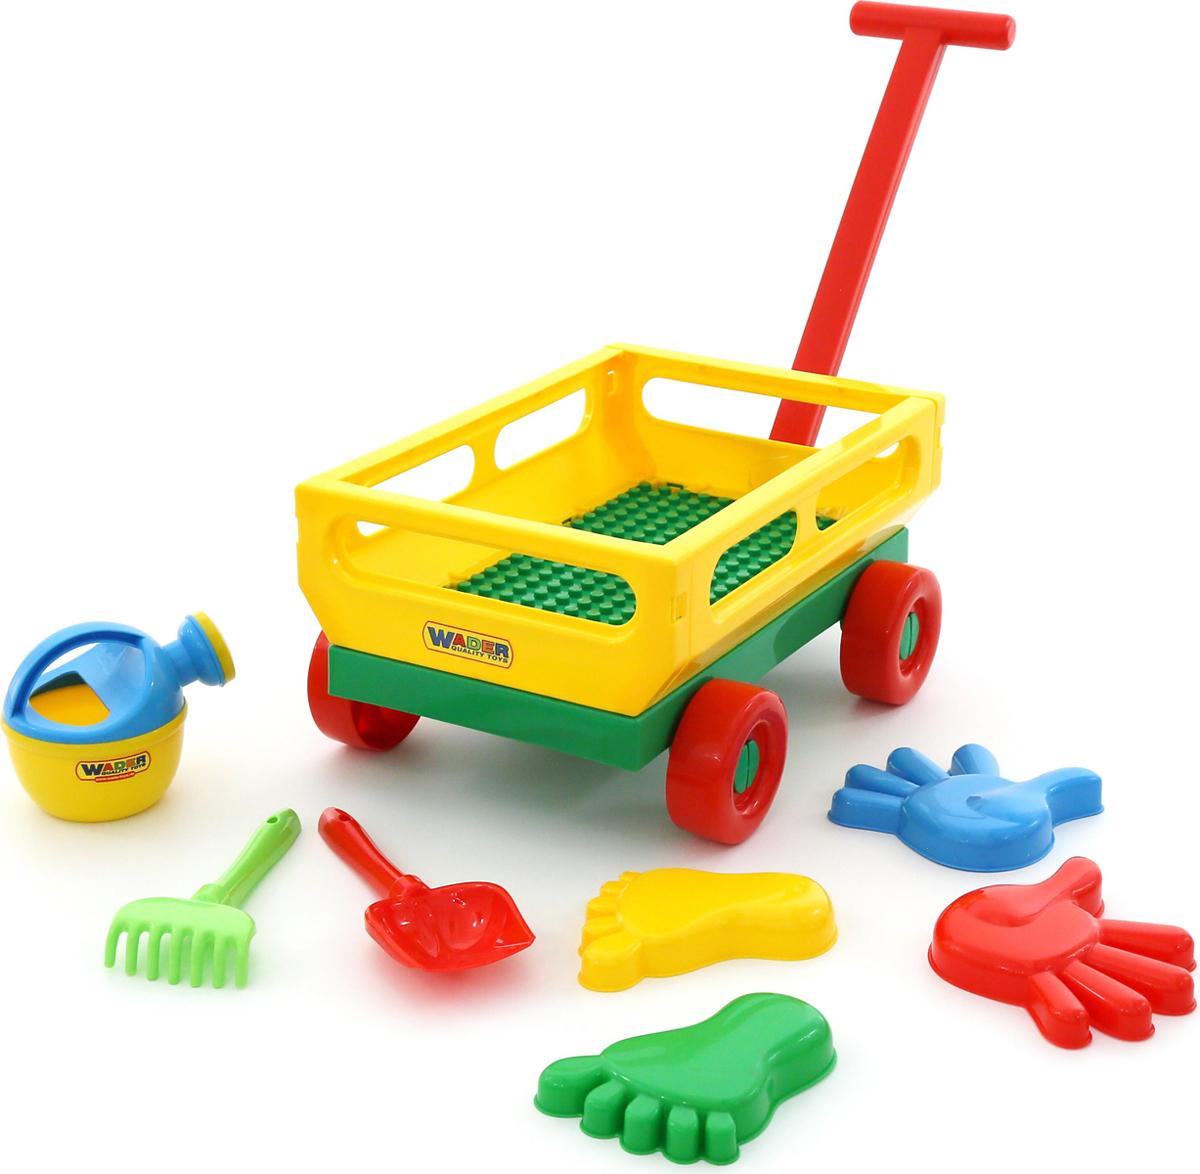 Полесье Набор игрушек для песочницы №486 - Игры на открытом воздухе